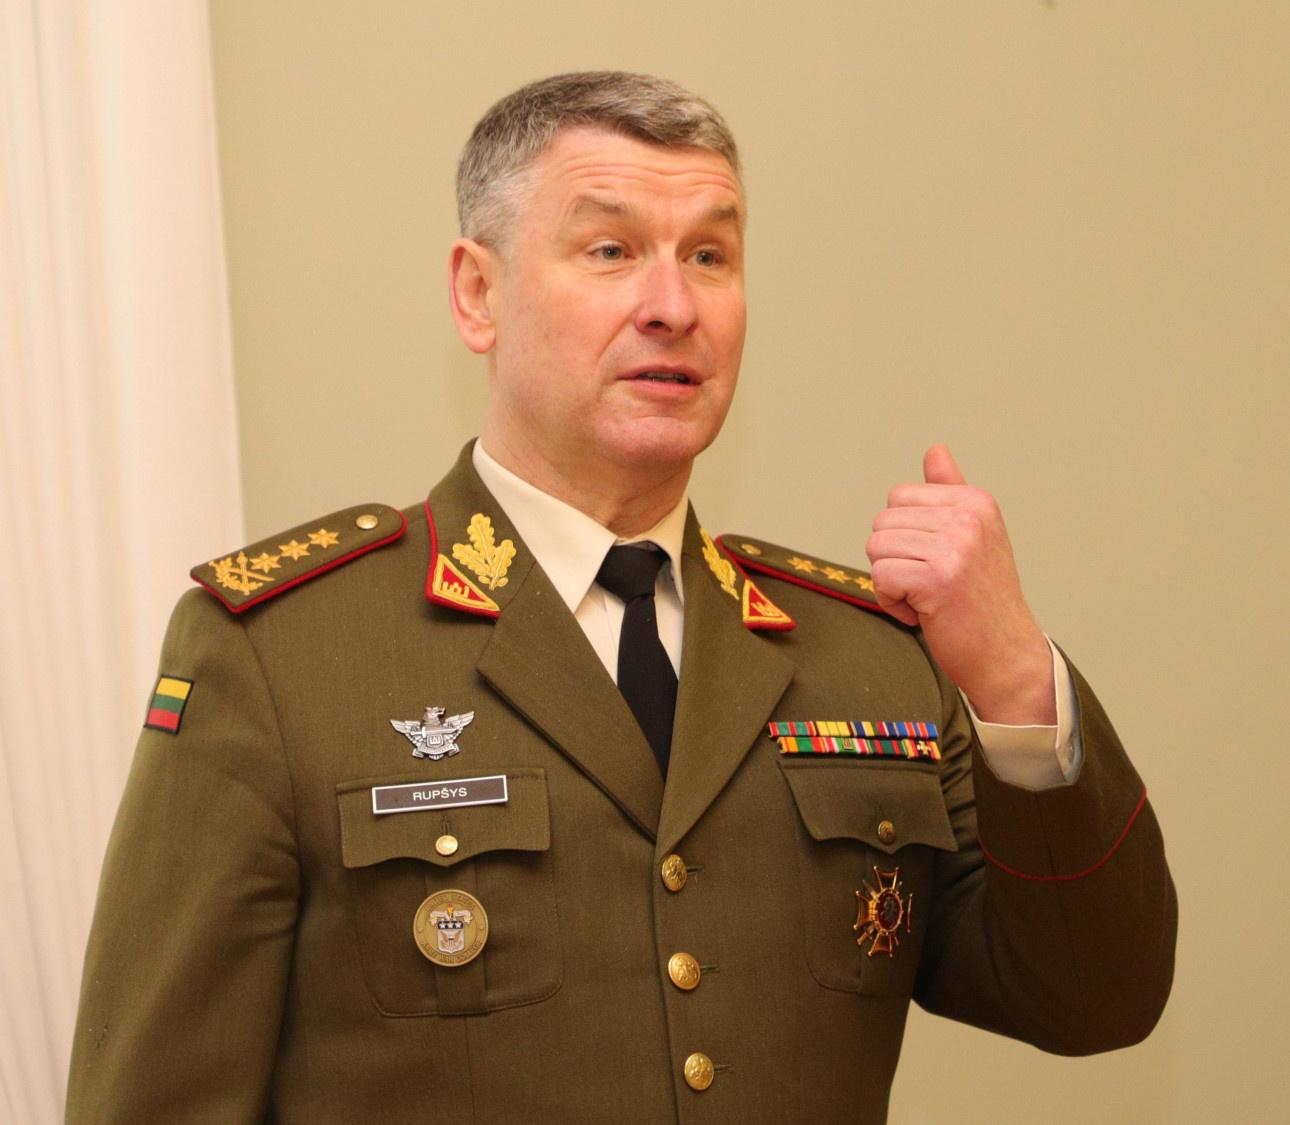 Kariuomenės vadas: situacijai pablogėjus, kariuomenė įsitrauktų labiau